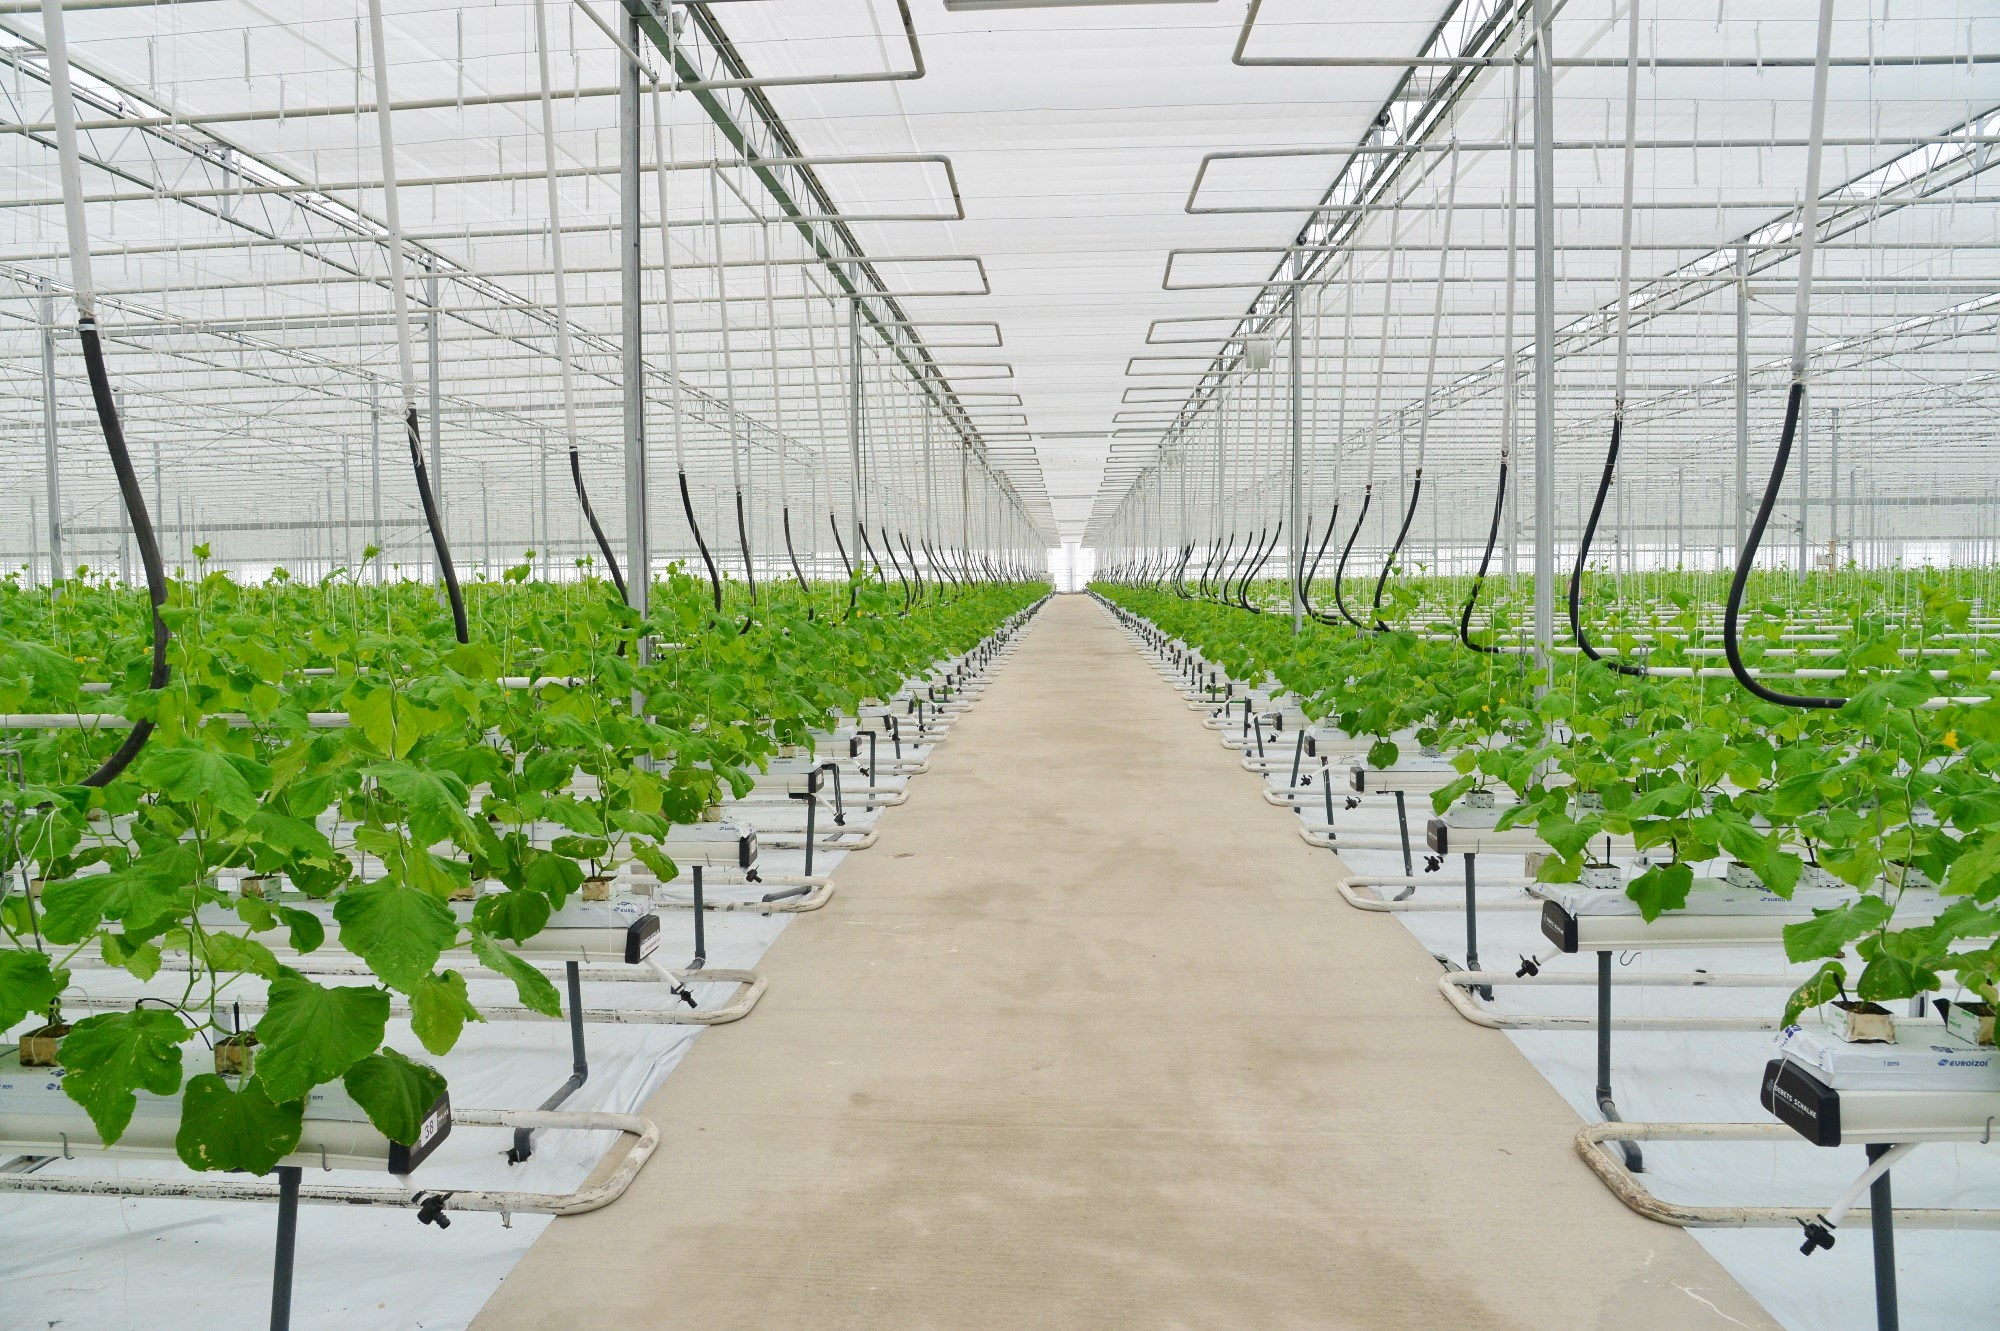 Выращивание овощей в закрытом грунте оквэд 86